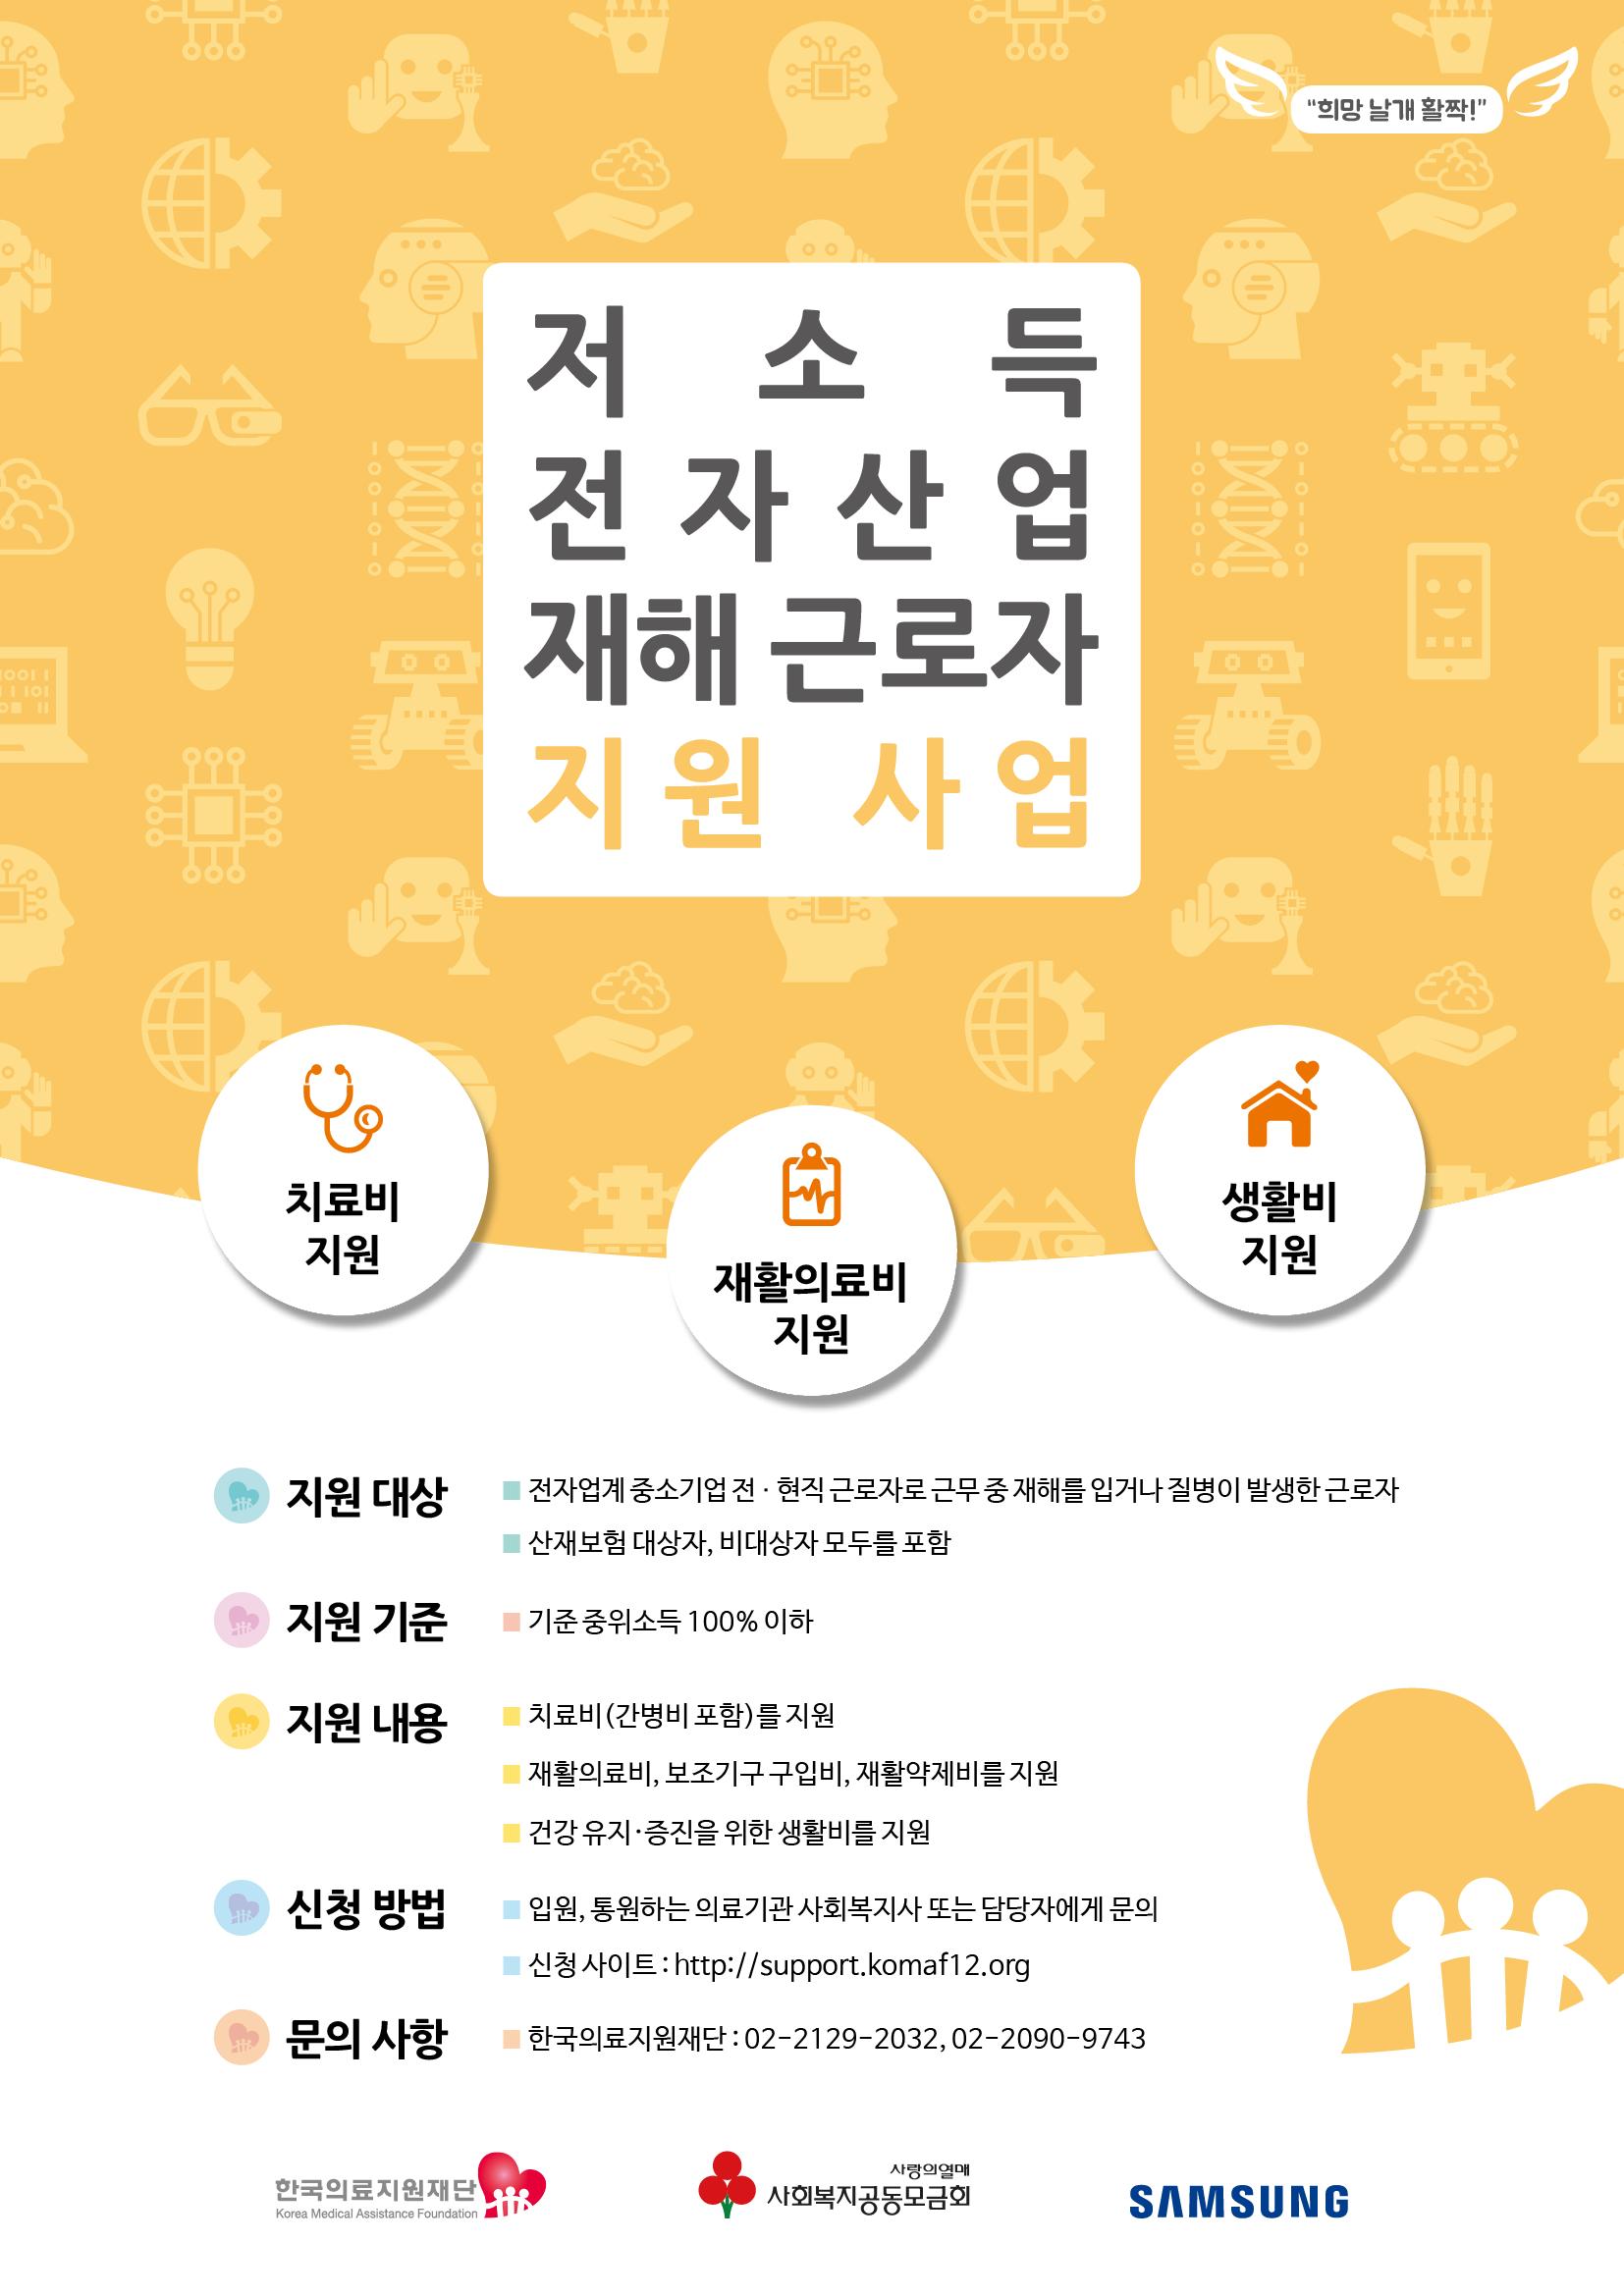 [첨부1] 사업안내 포스터.png